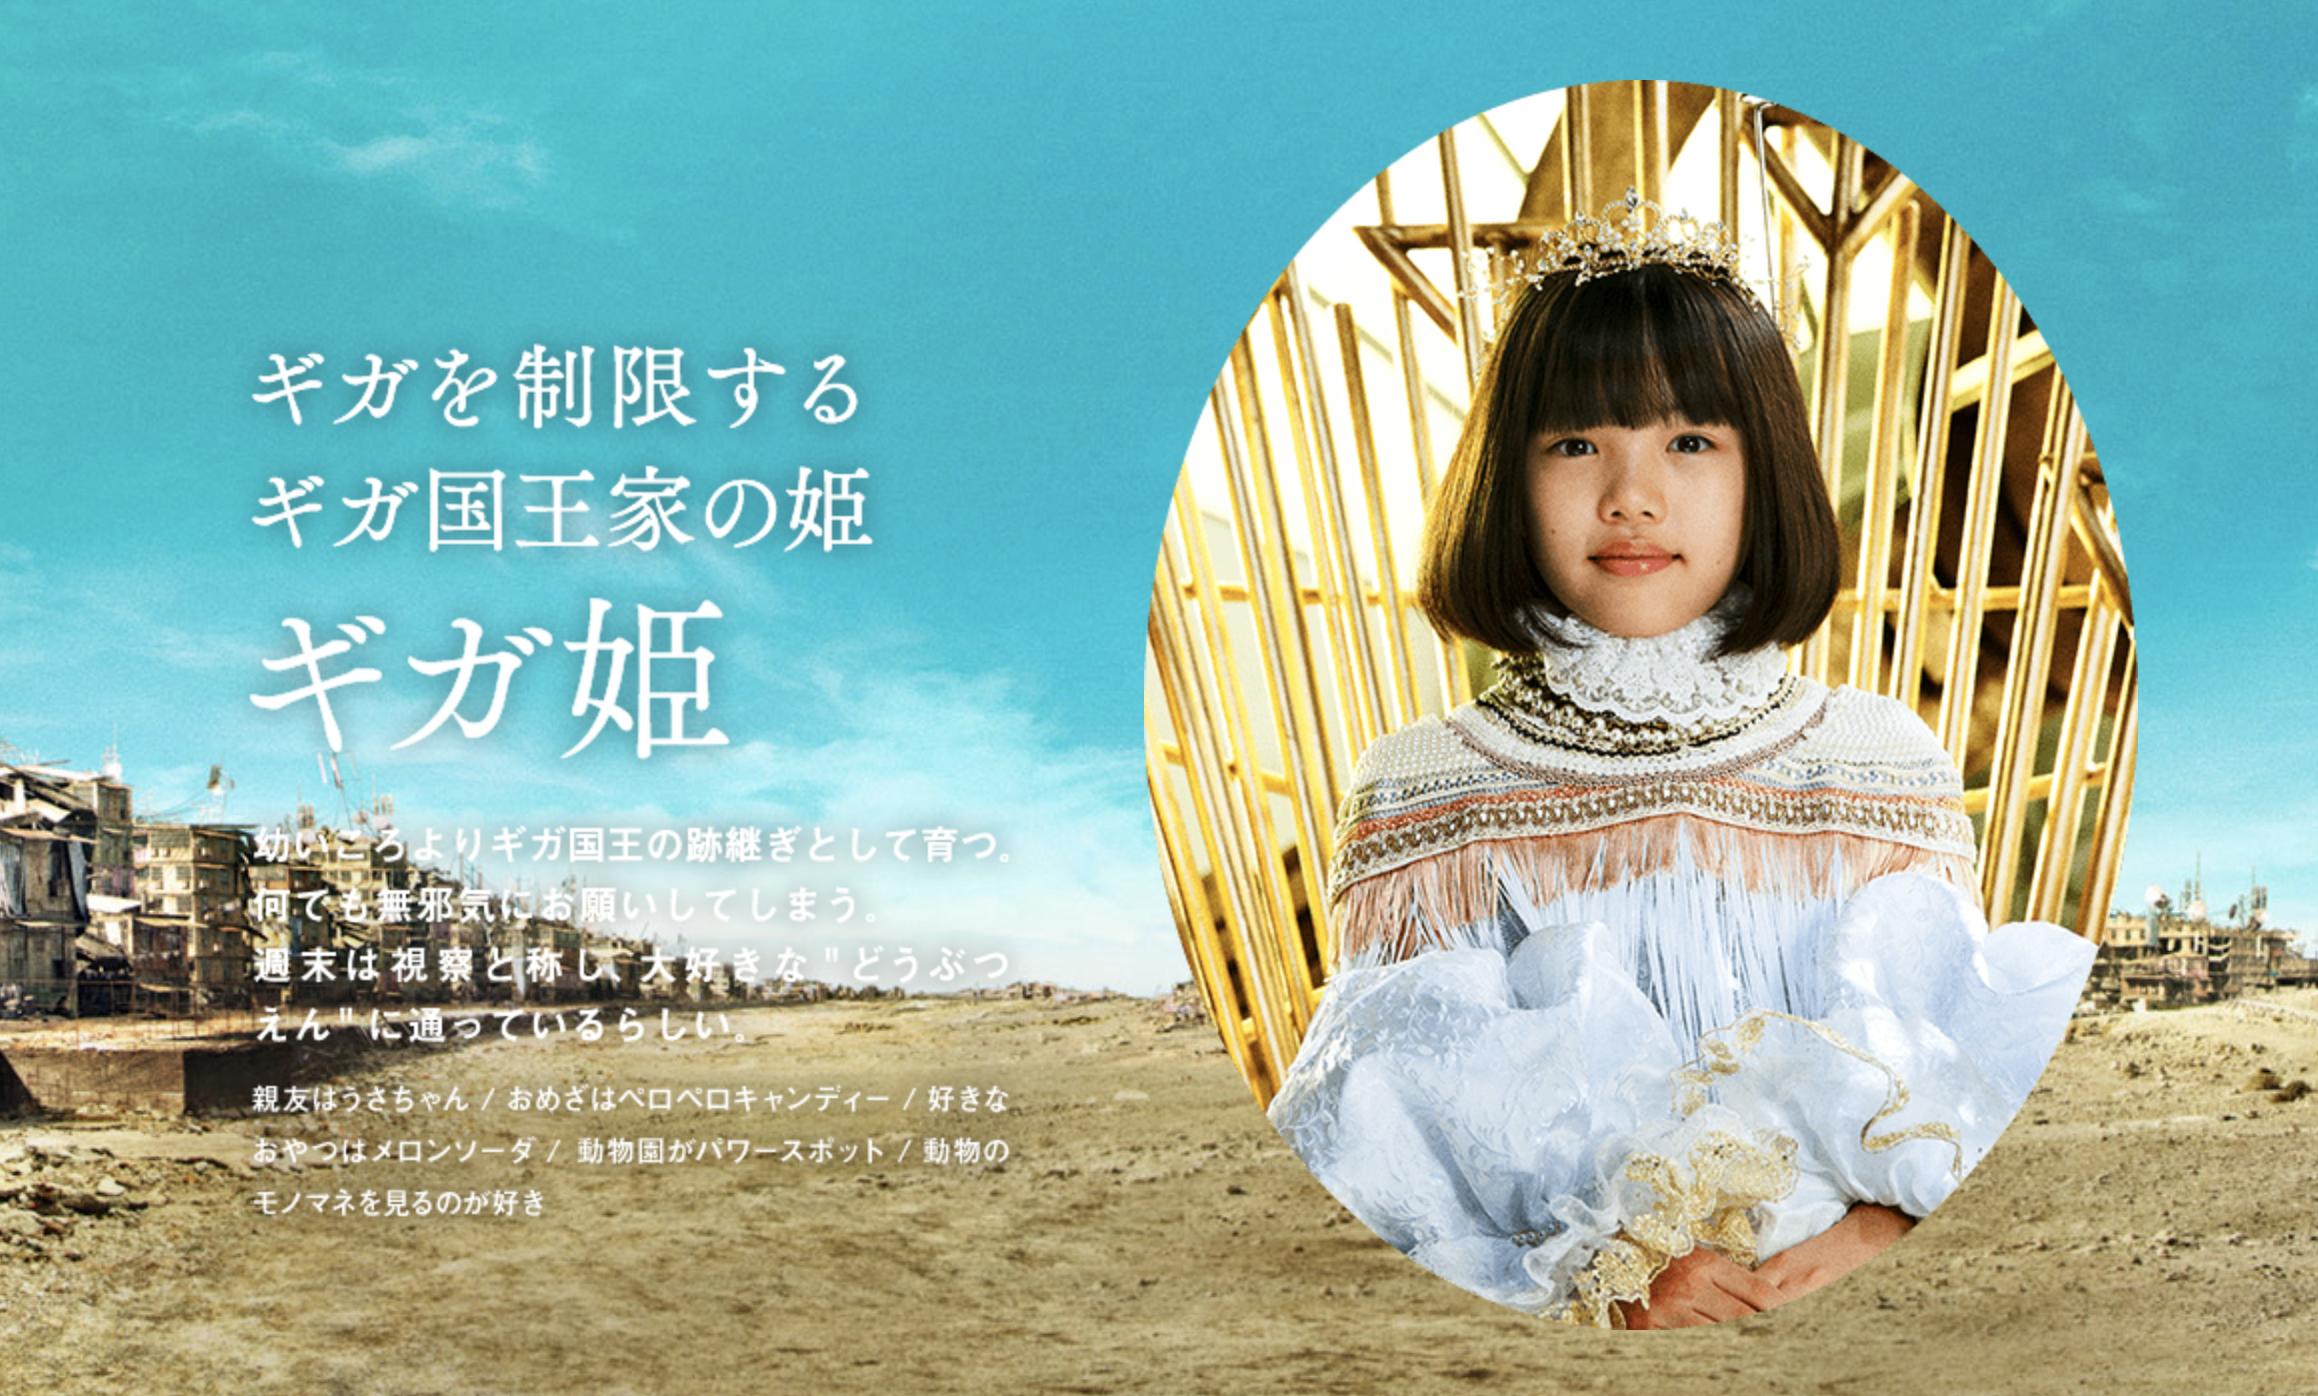 ギガ姫子役の粟野咲莉のプロフィール!ソフトバンクCM「ギガ国物語」